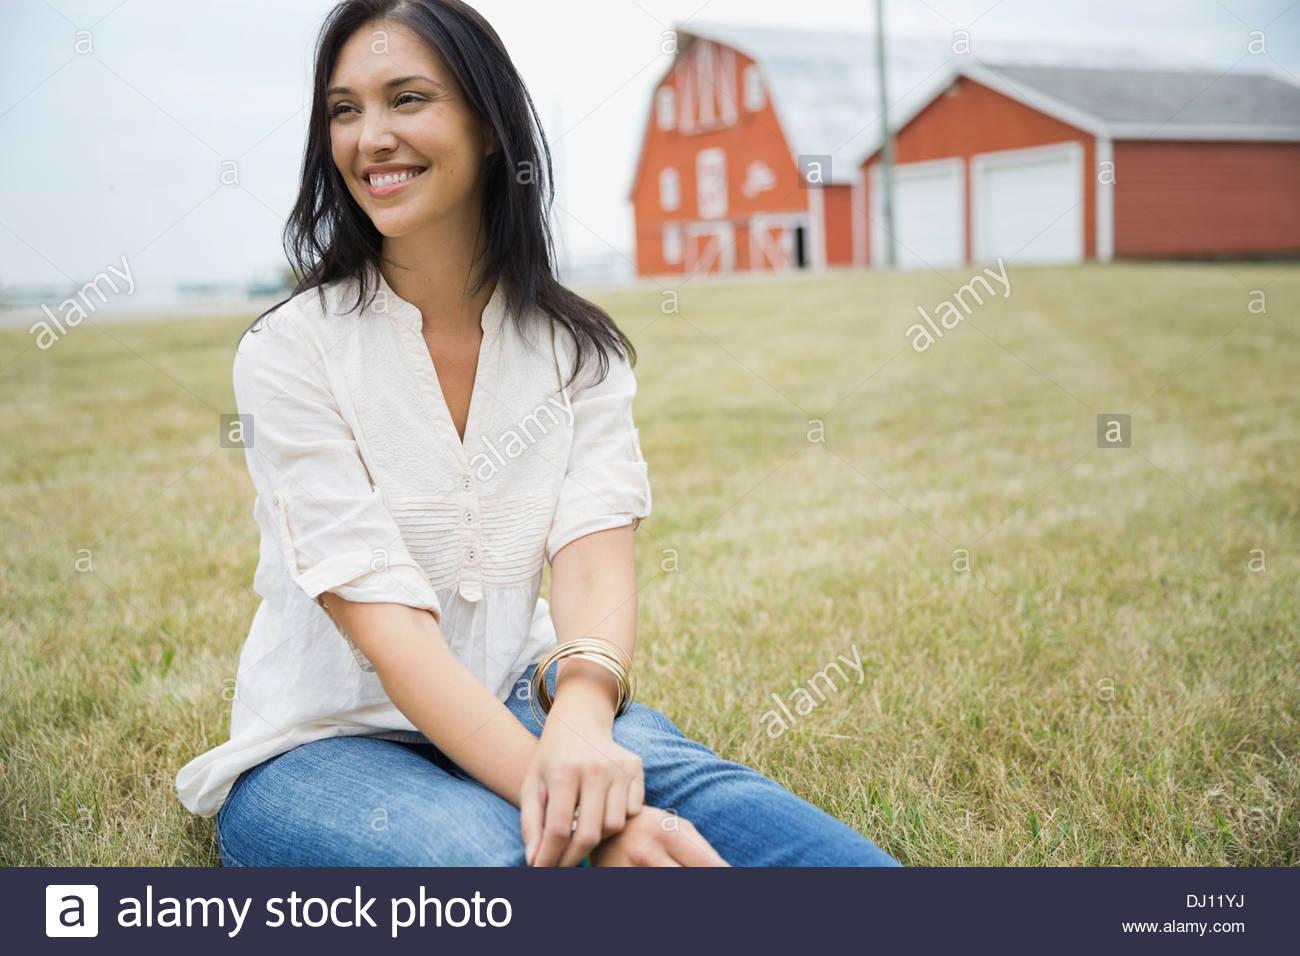 Donna sorridente seduti all'aperto Immagini Stock